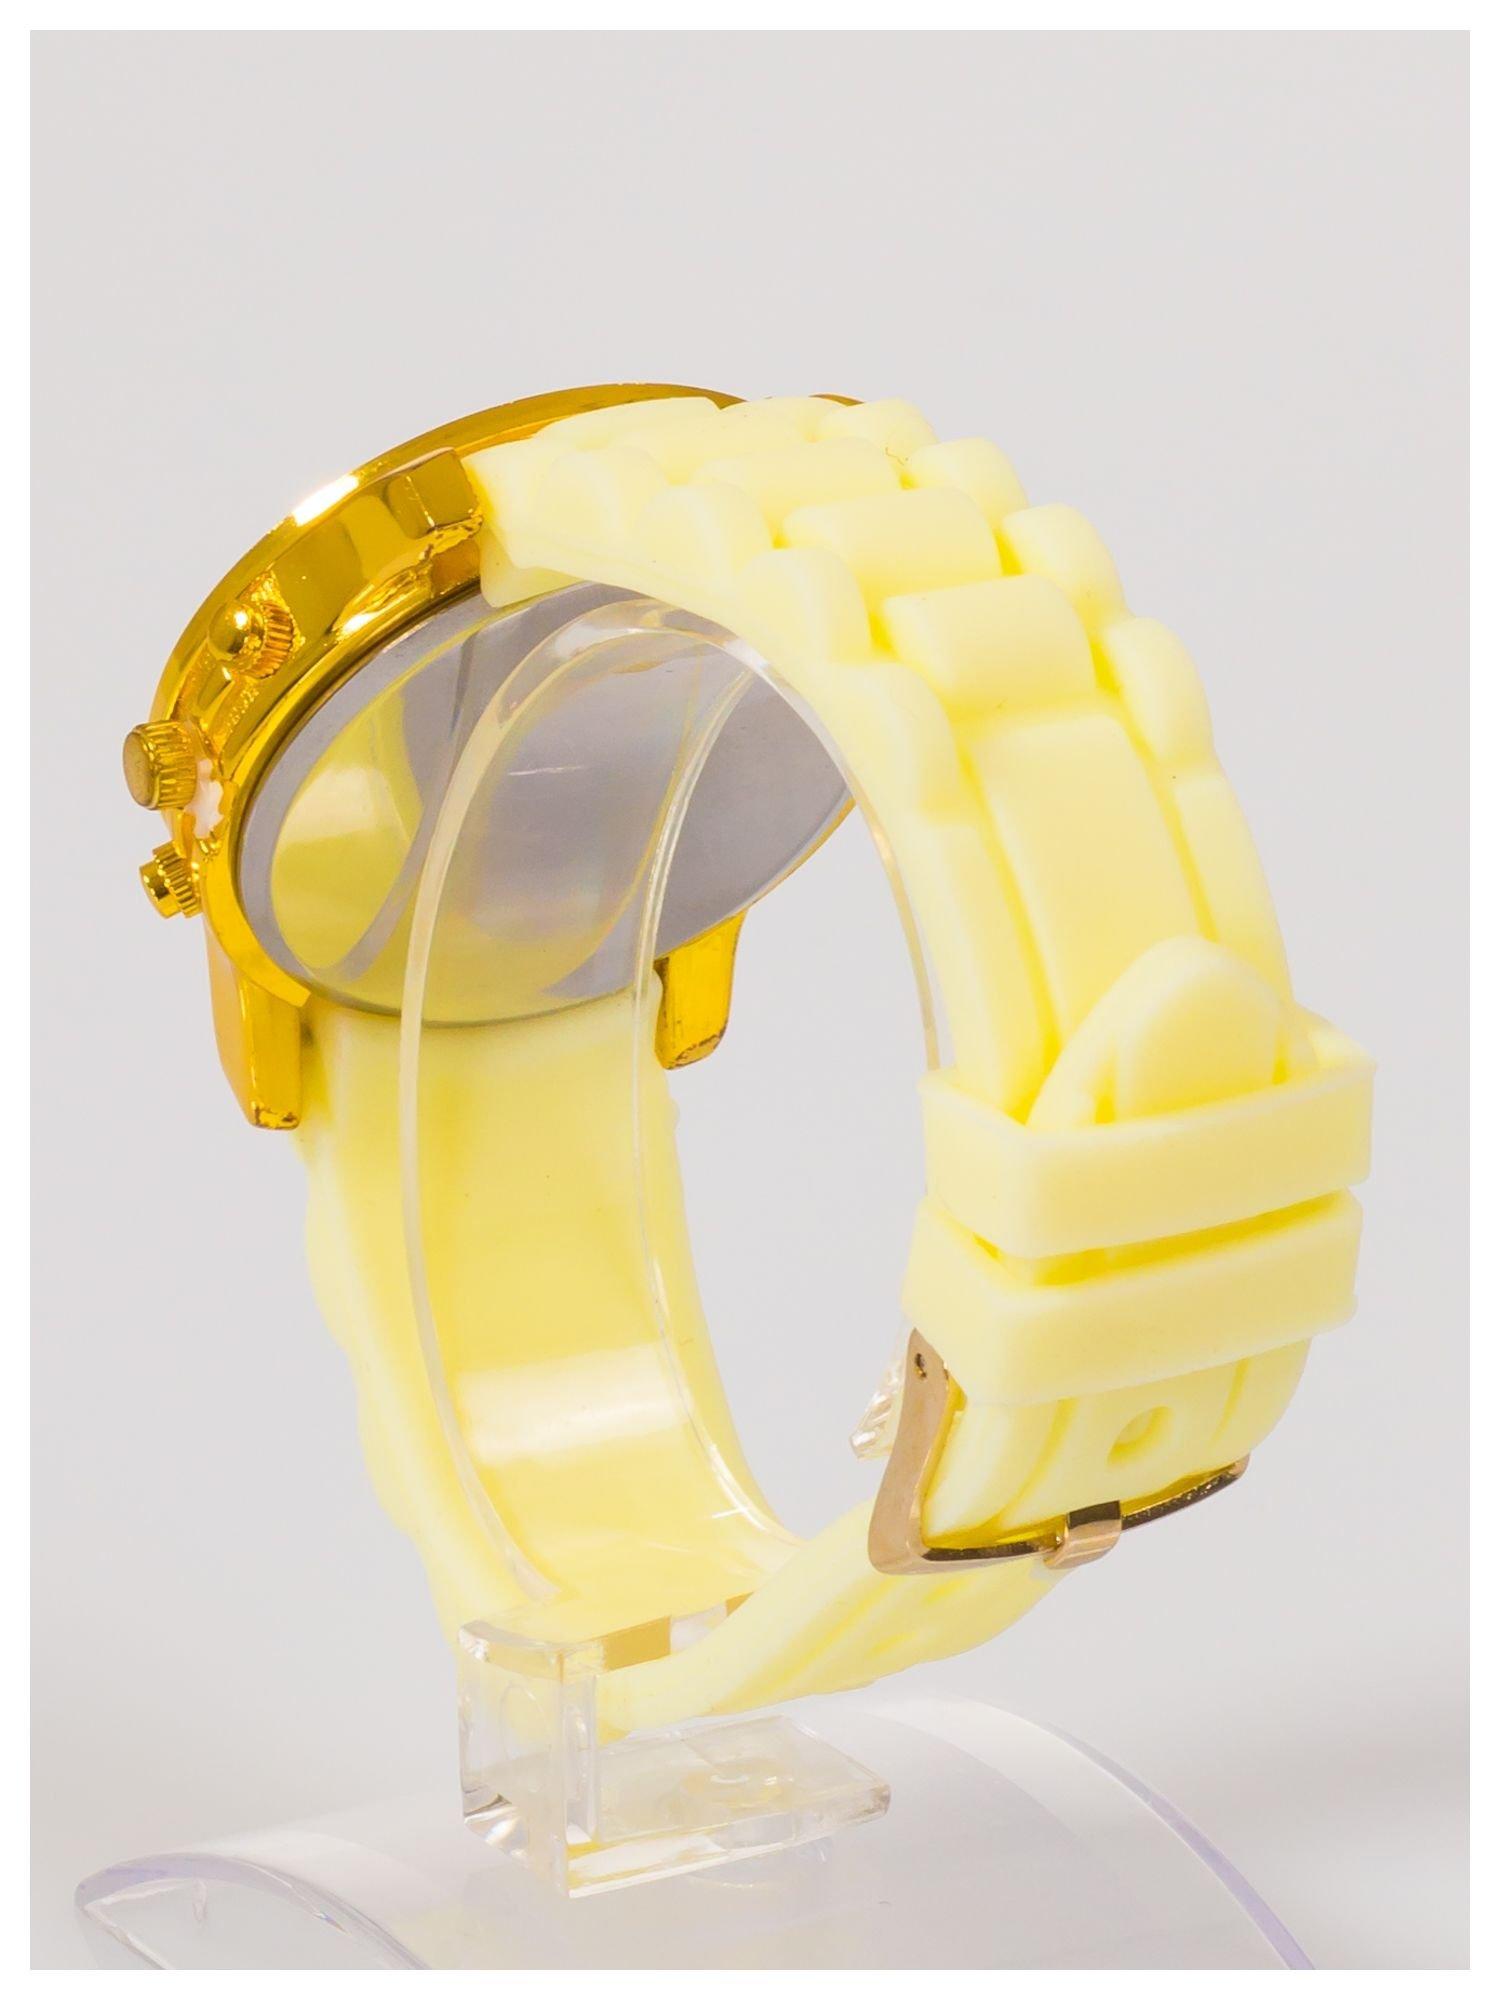 Damski zegarek z cyrkoniami i ozdobnym chronografem na wygodnym silikonowym pasku                                  zdj.                                  4